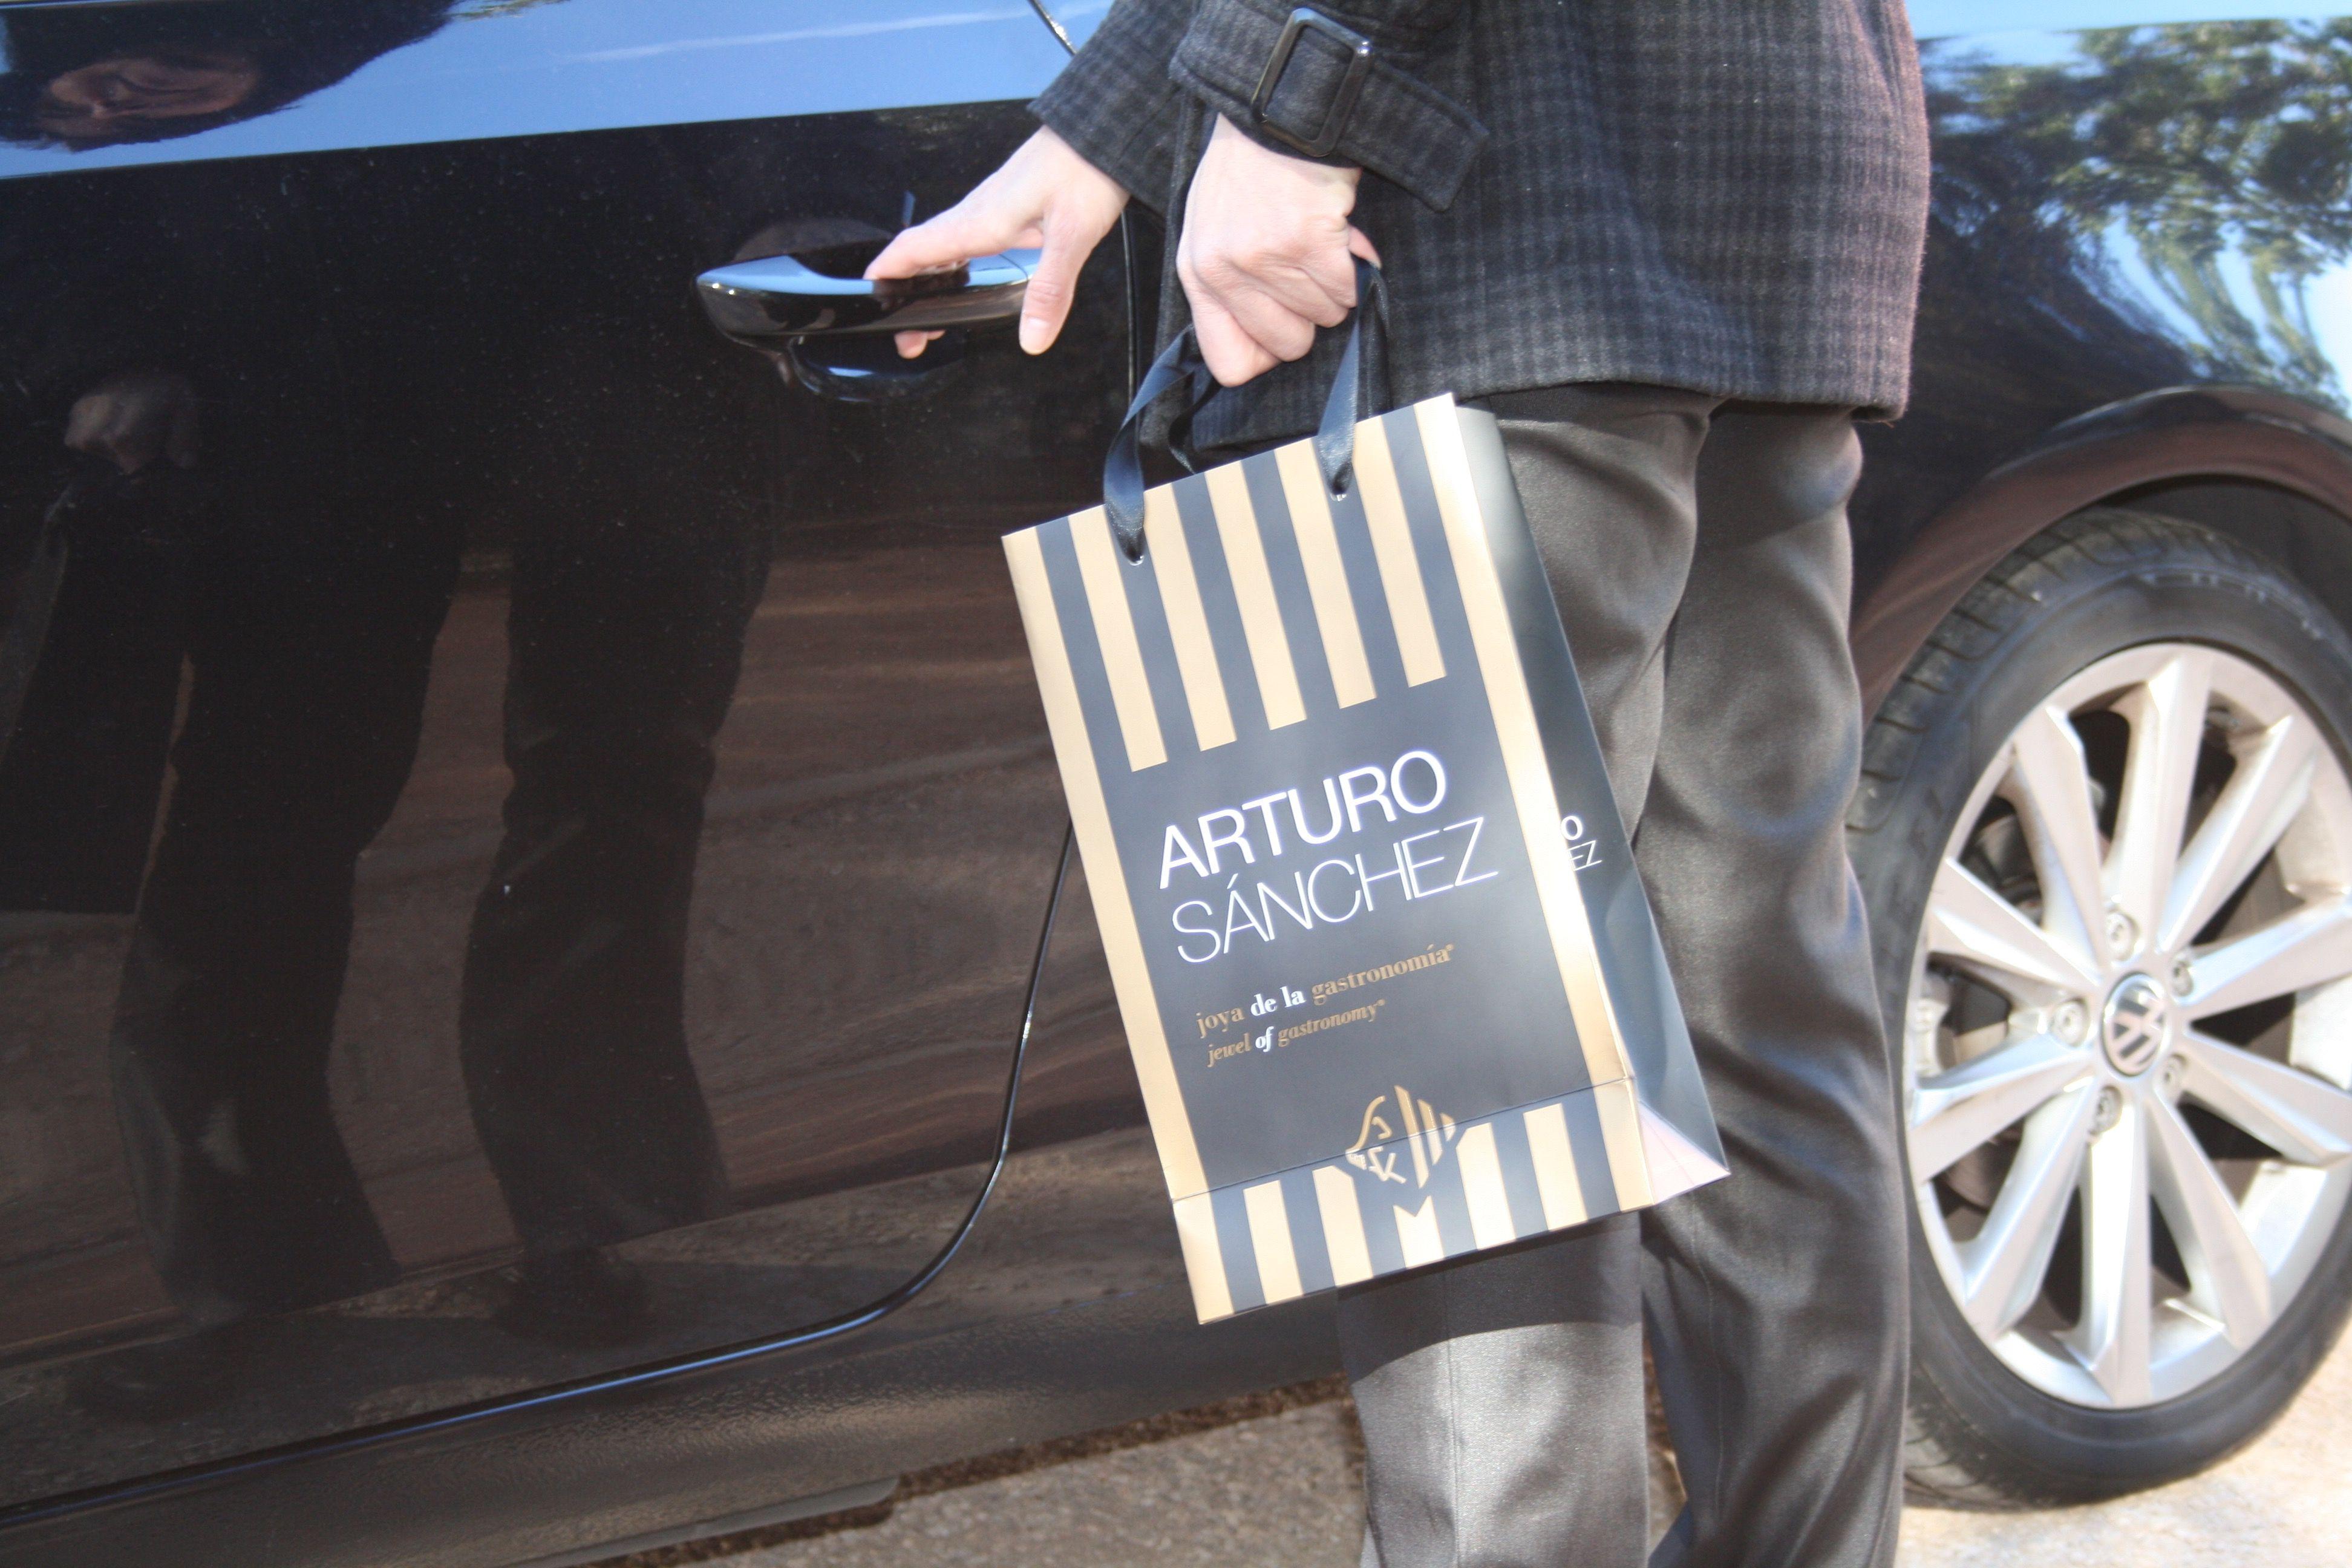 Bolsas de papel lujo plastificado, asas de algodón e impresión personalizada.